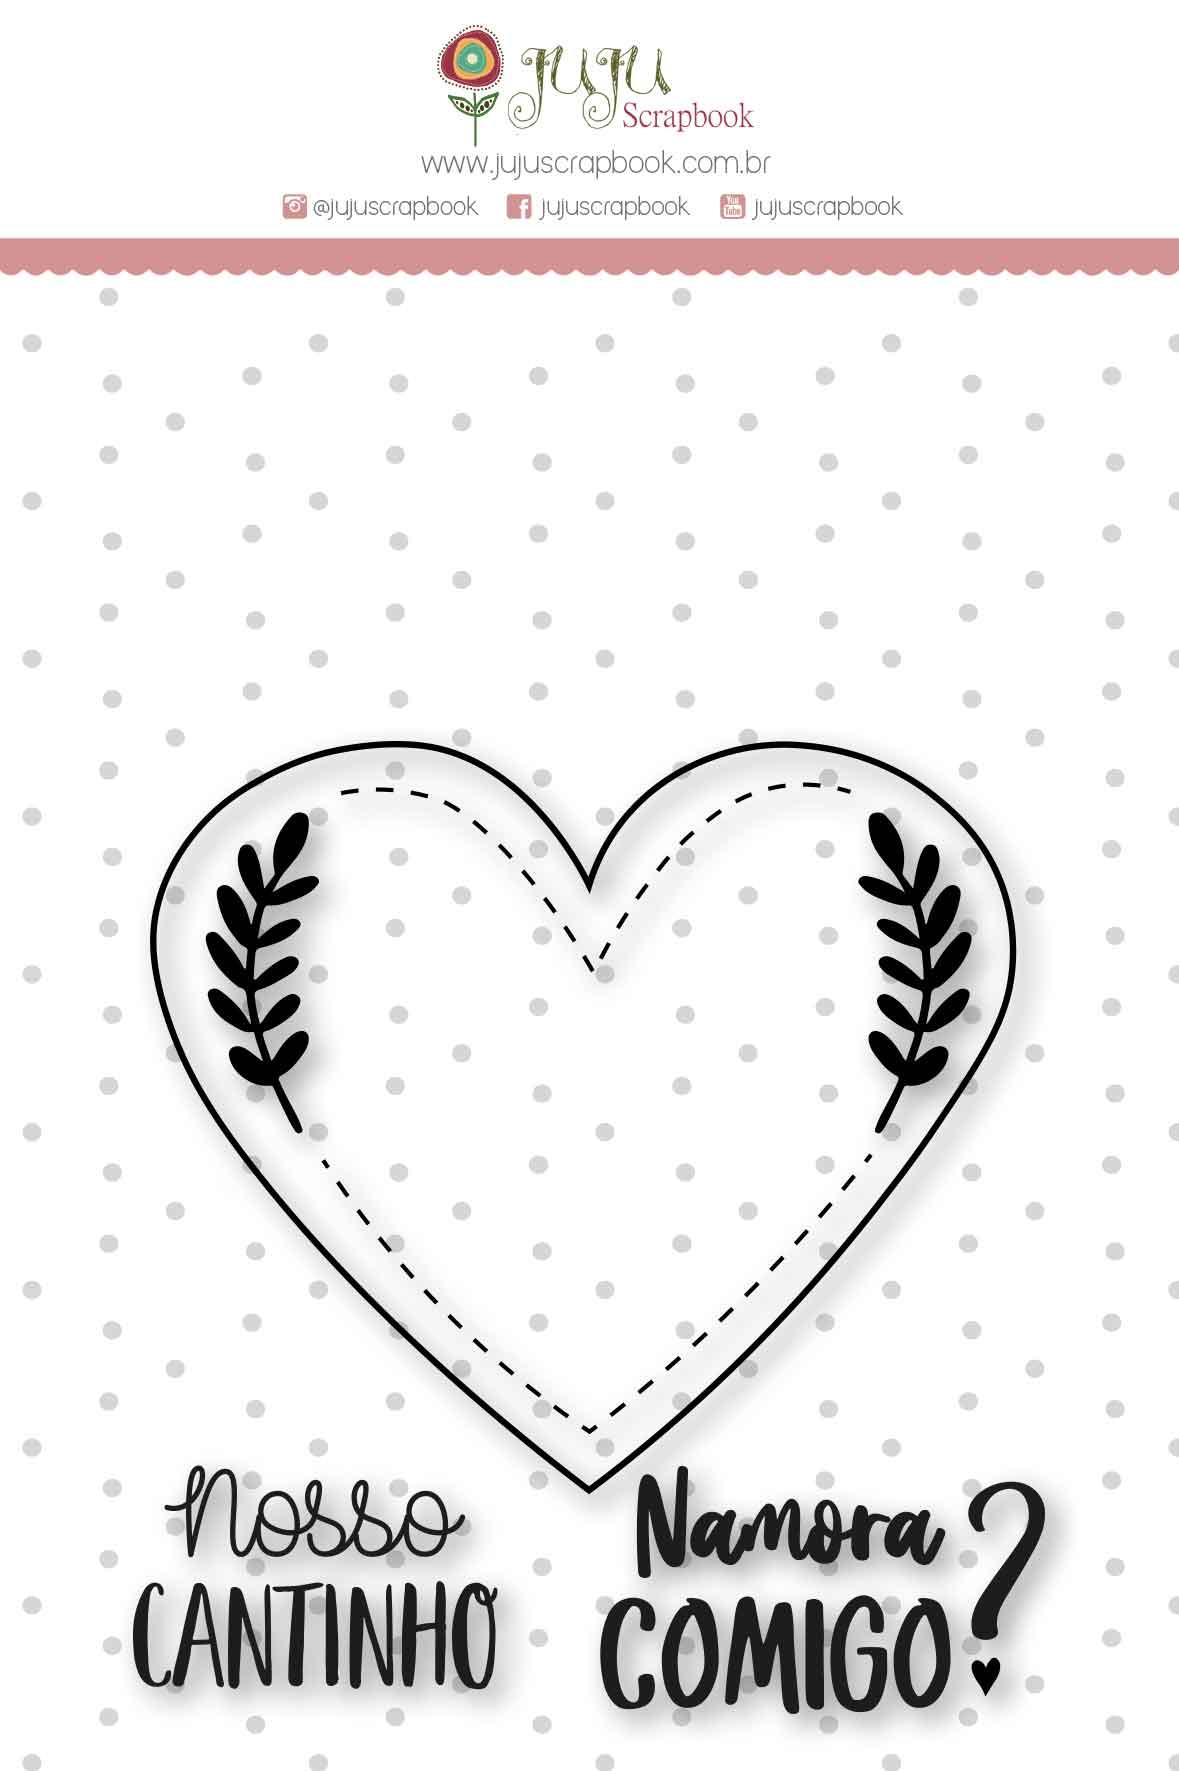 Carimbo G Nosso Cantinho - Coleção Espalhando Amor - JuJu Scrapbook  - JuJu Scrapbook